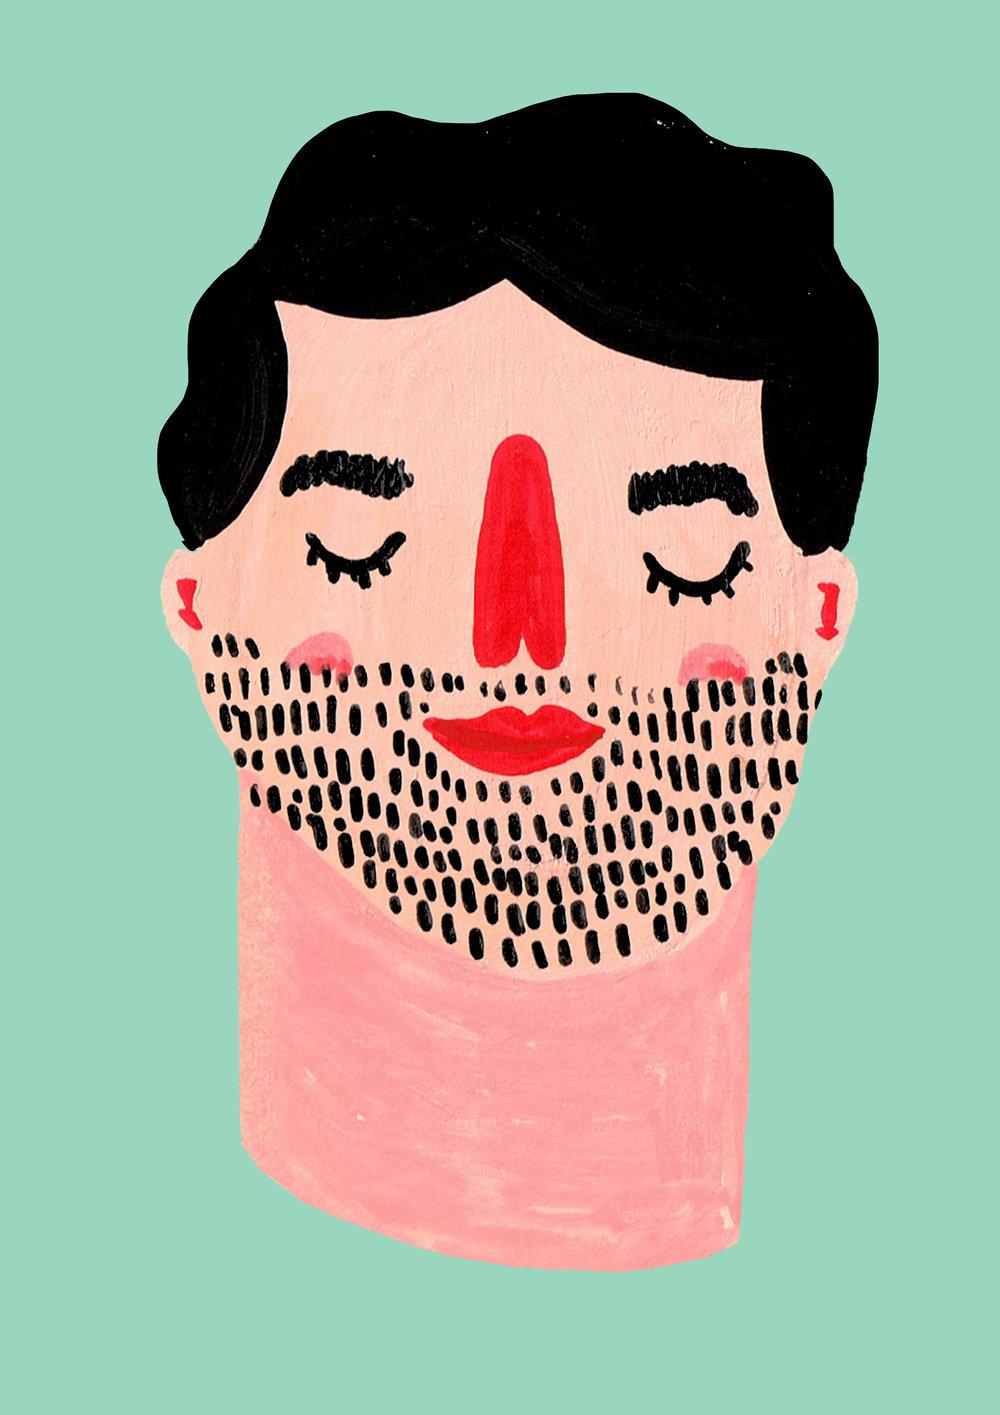 green beard ban.jpg